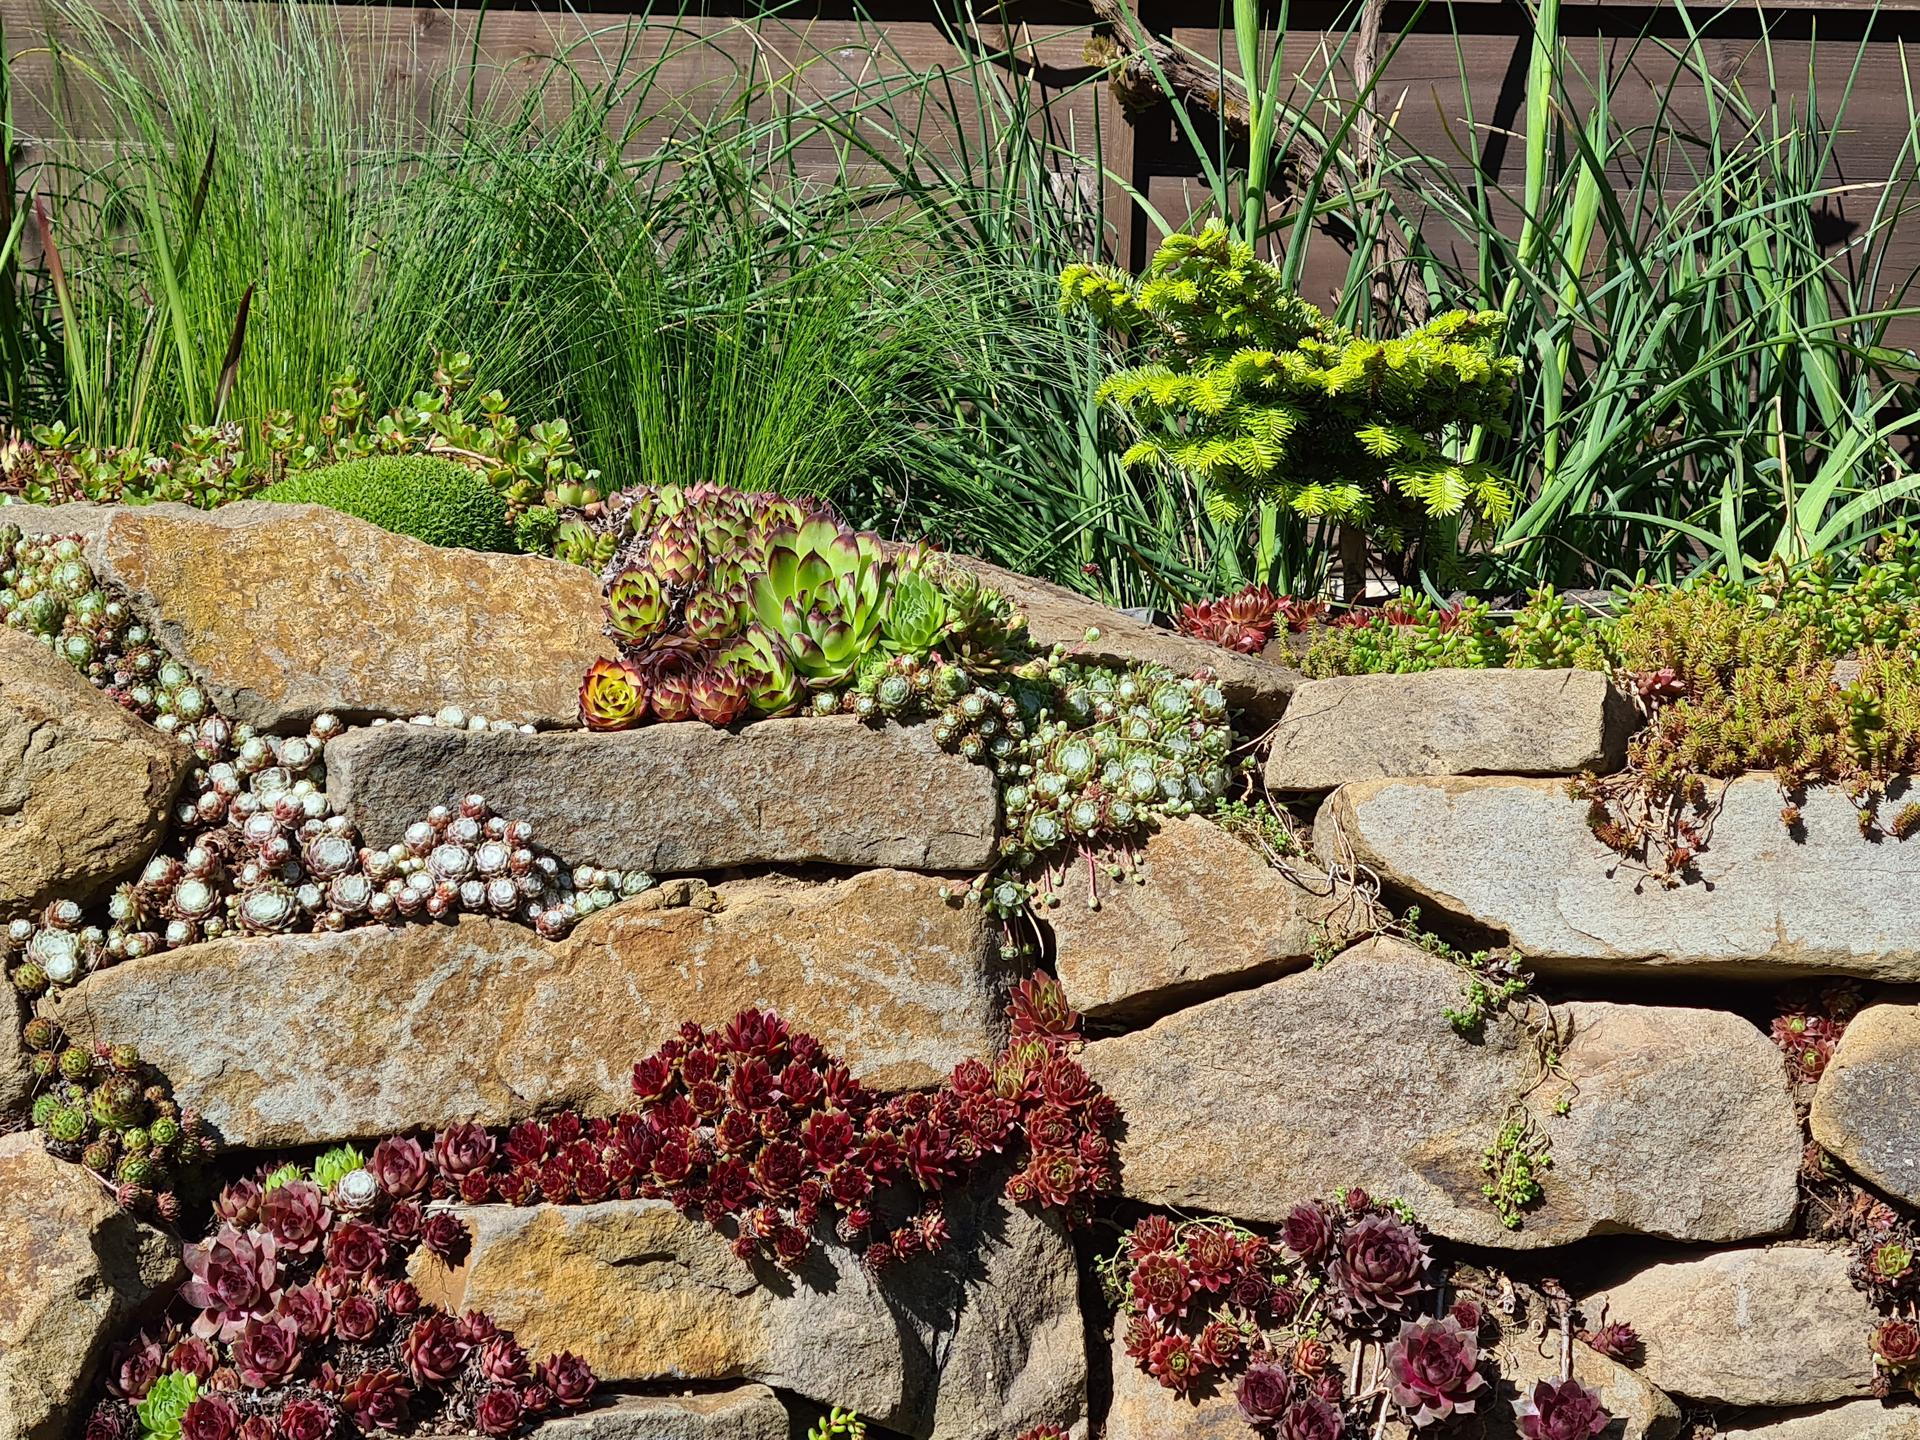 Naša záhradka 2021 - Na skalke vymenena trava za malu jedlicku, snad sa jej bude darit